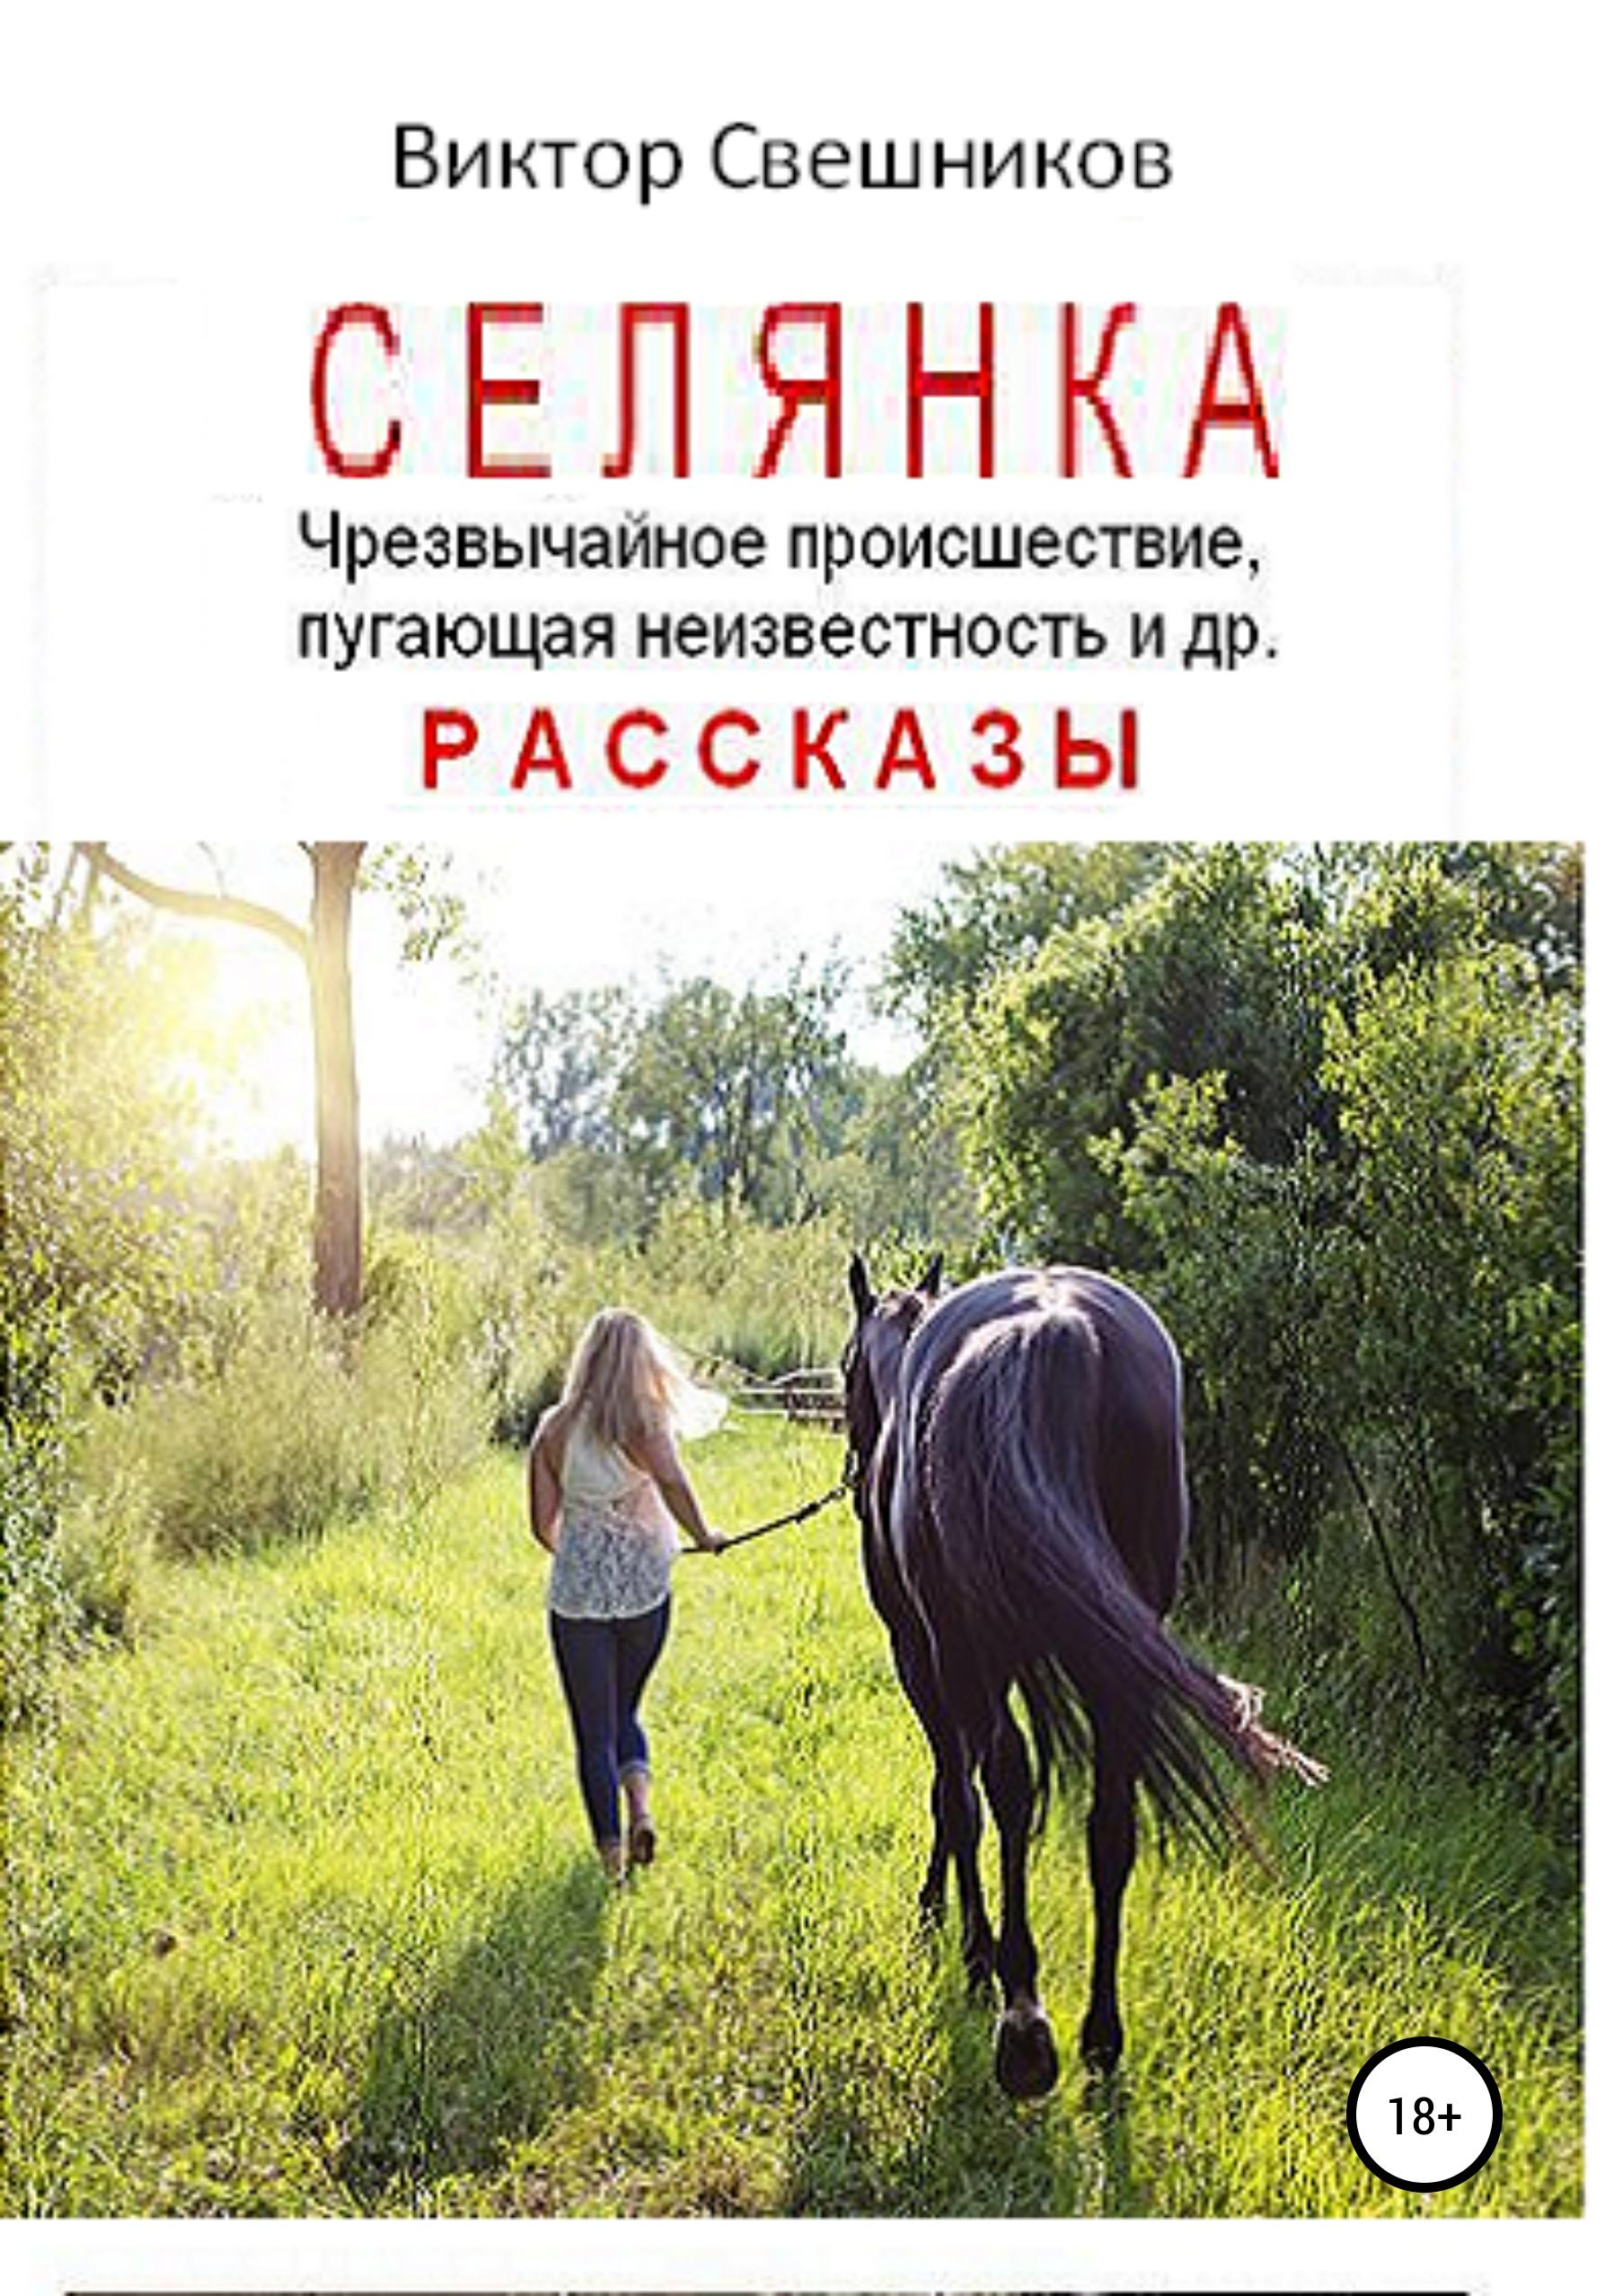 Купить книгу Селянка, автора Виктора Ивановича Свешникова